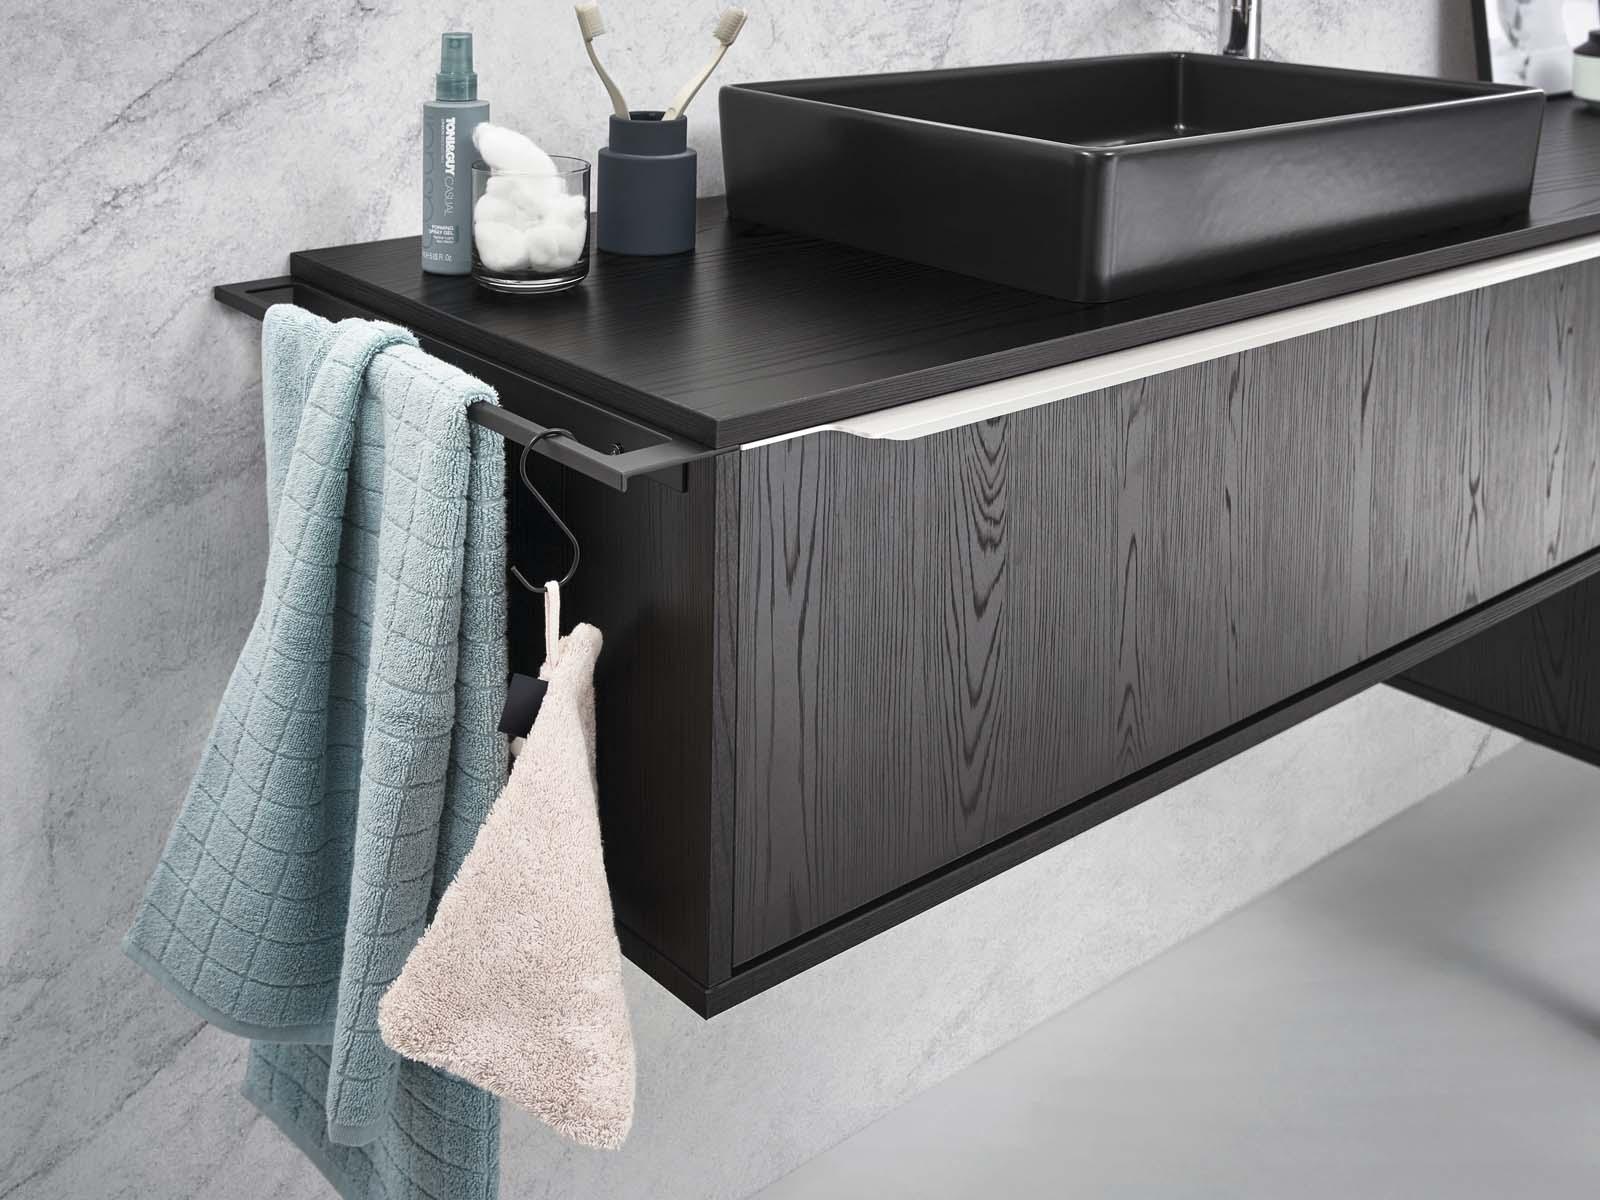 Küchentime Structura 403 - Bathroom